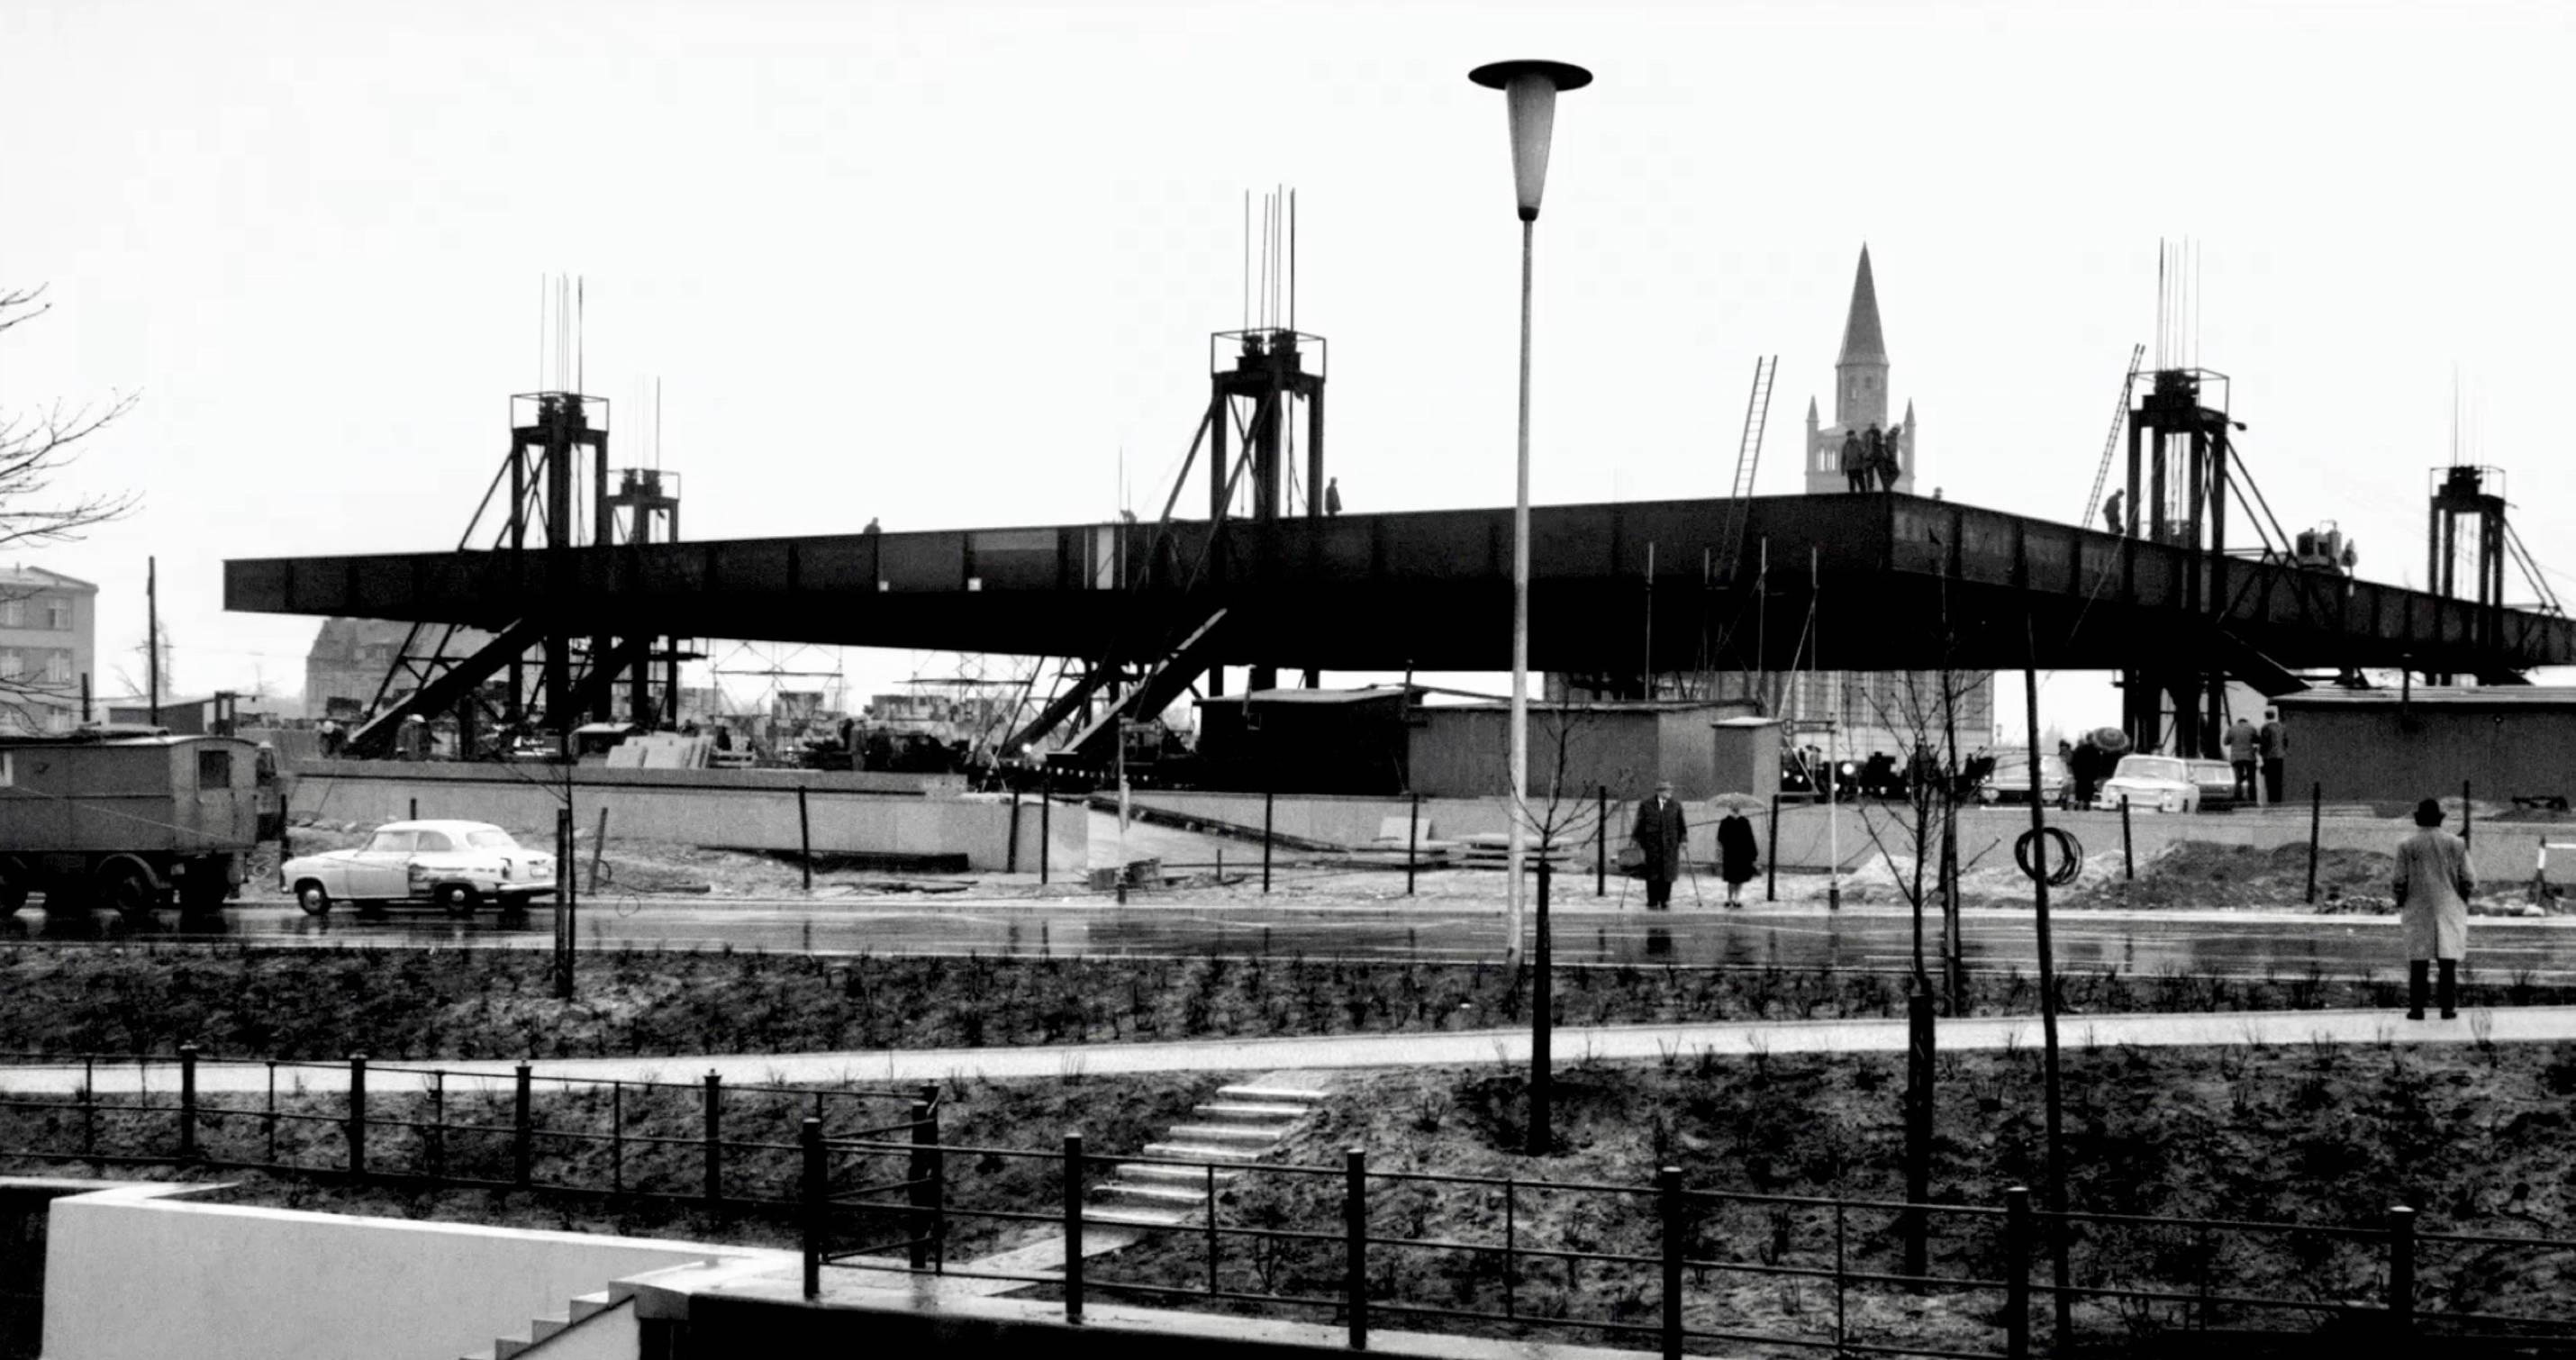 Bild aus der Entstehungsphase der neuen Nationalgalerie aus dem gleichnamigen Film von Ina Weisse - Kamera - Judith Kaufmann